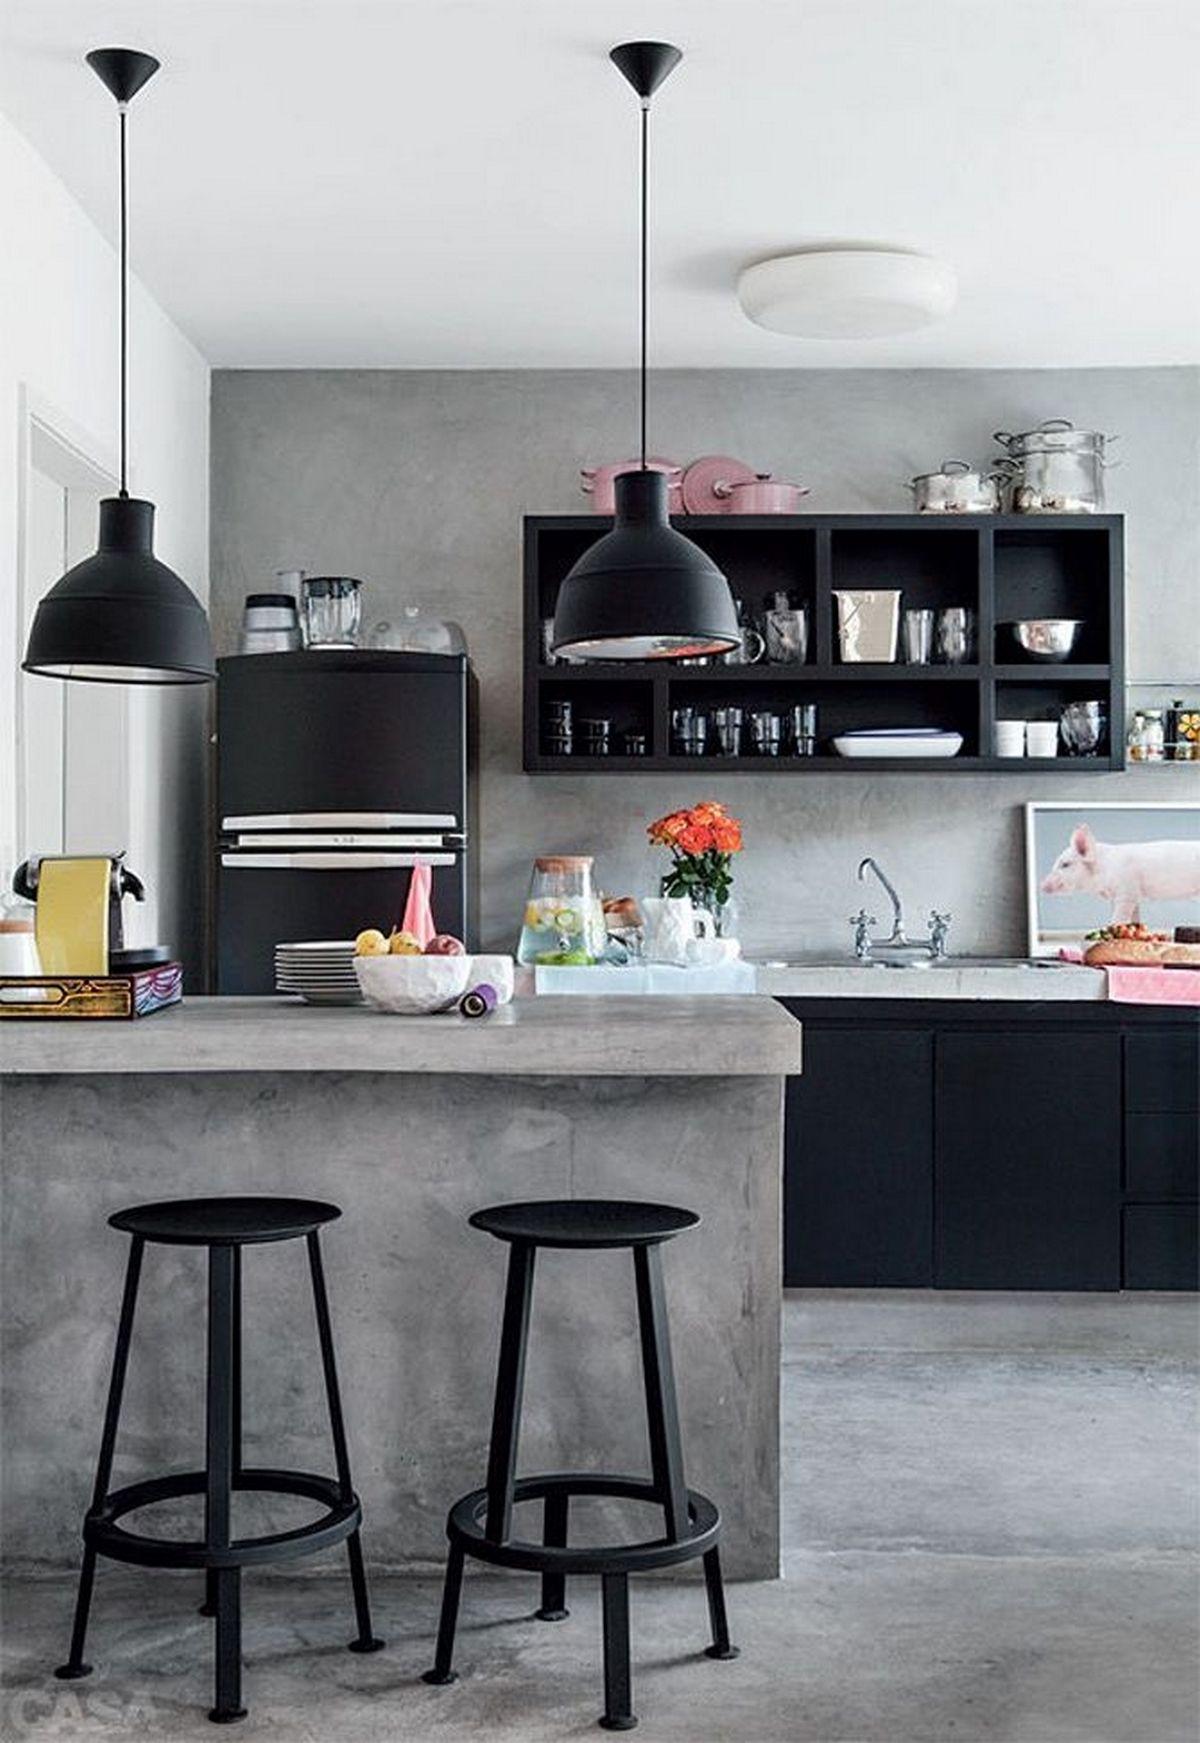 индустриальный стиль в интерьере кухни с барной стойкой